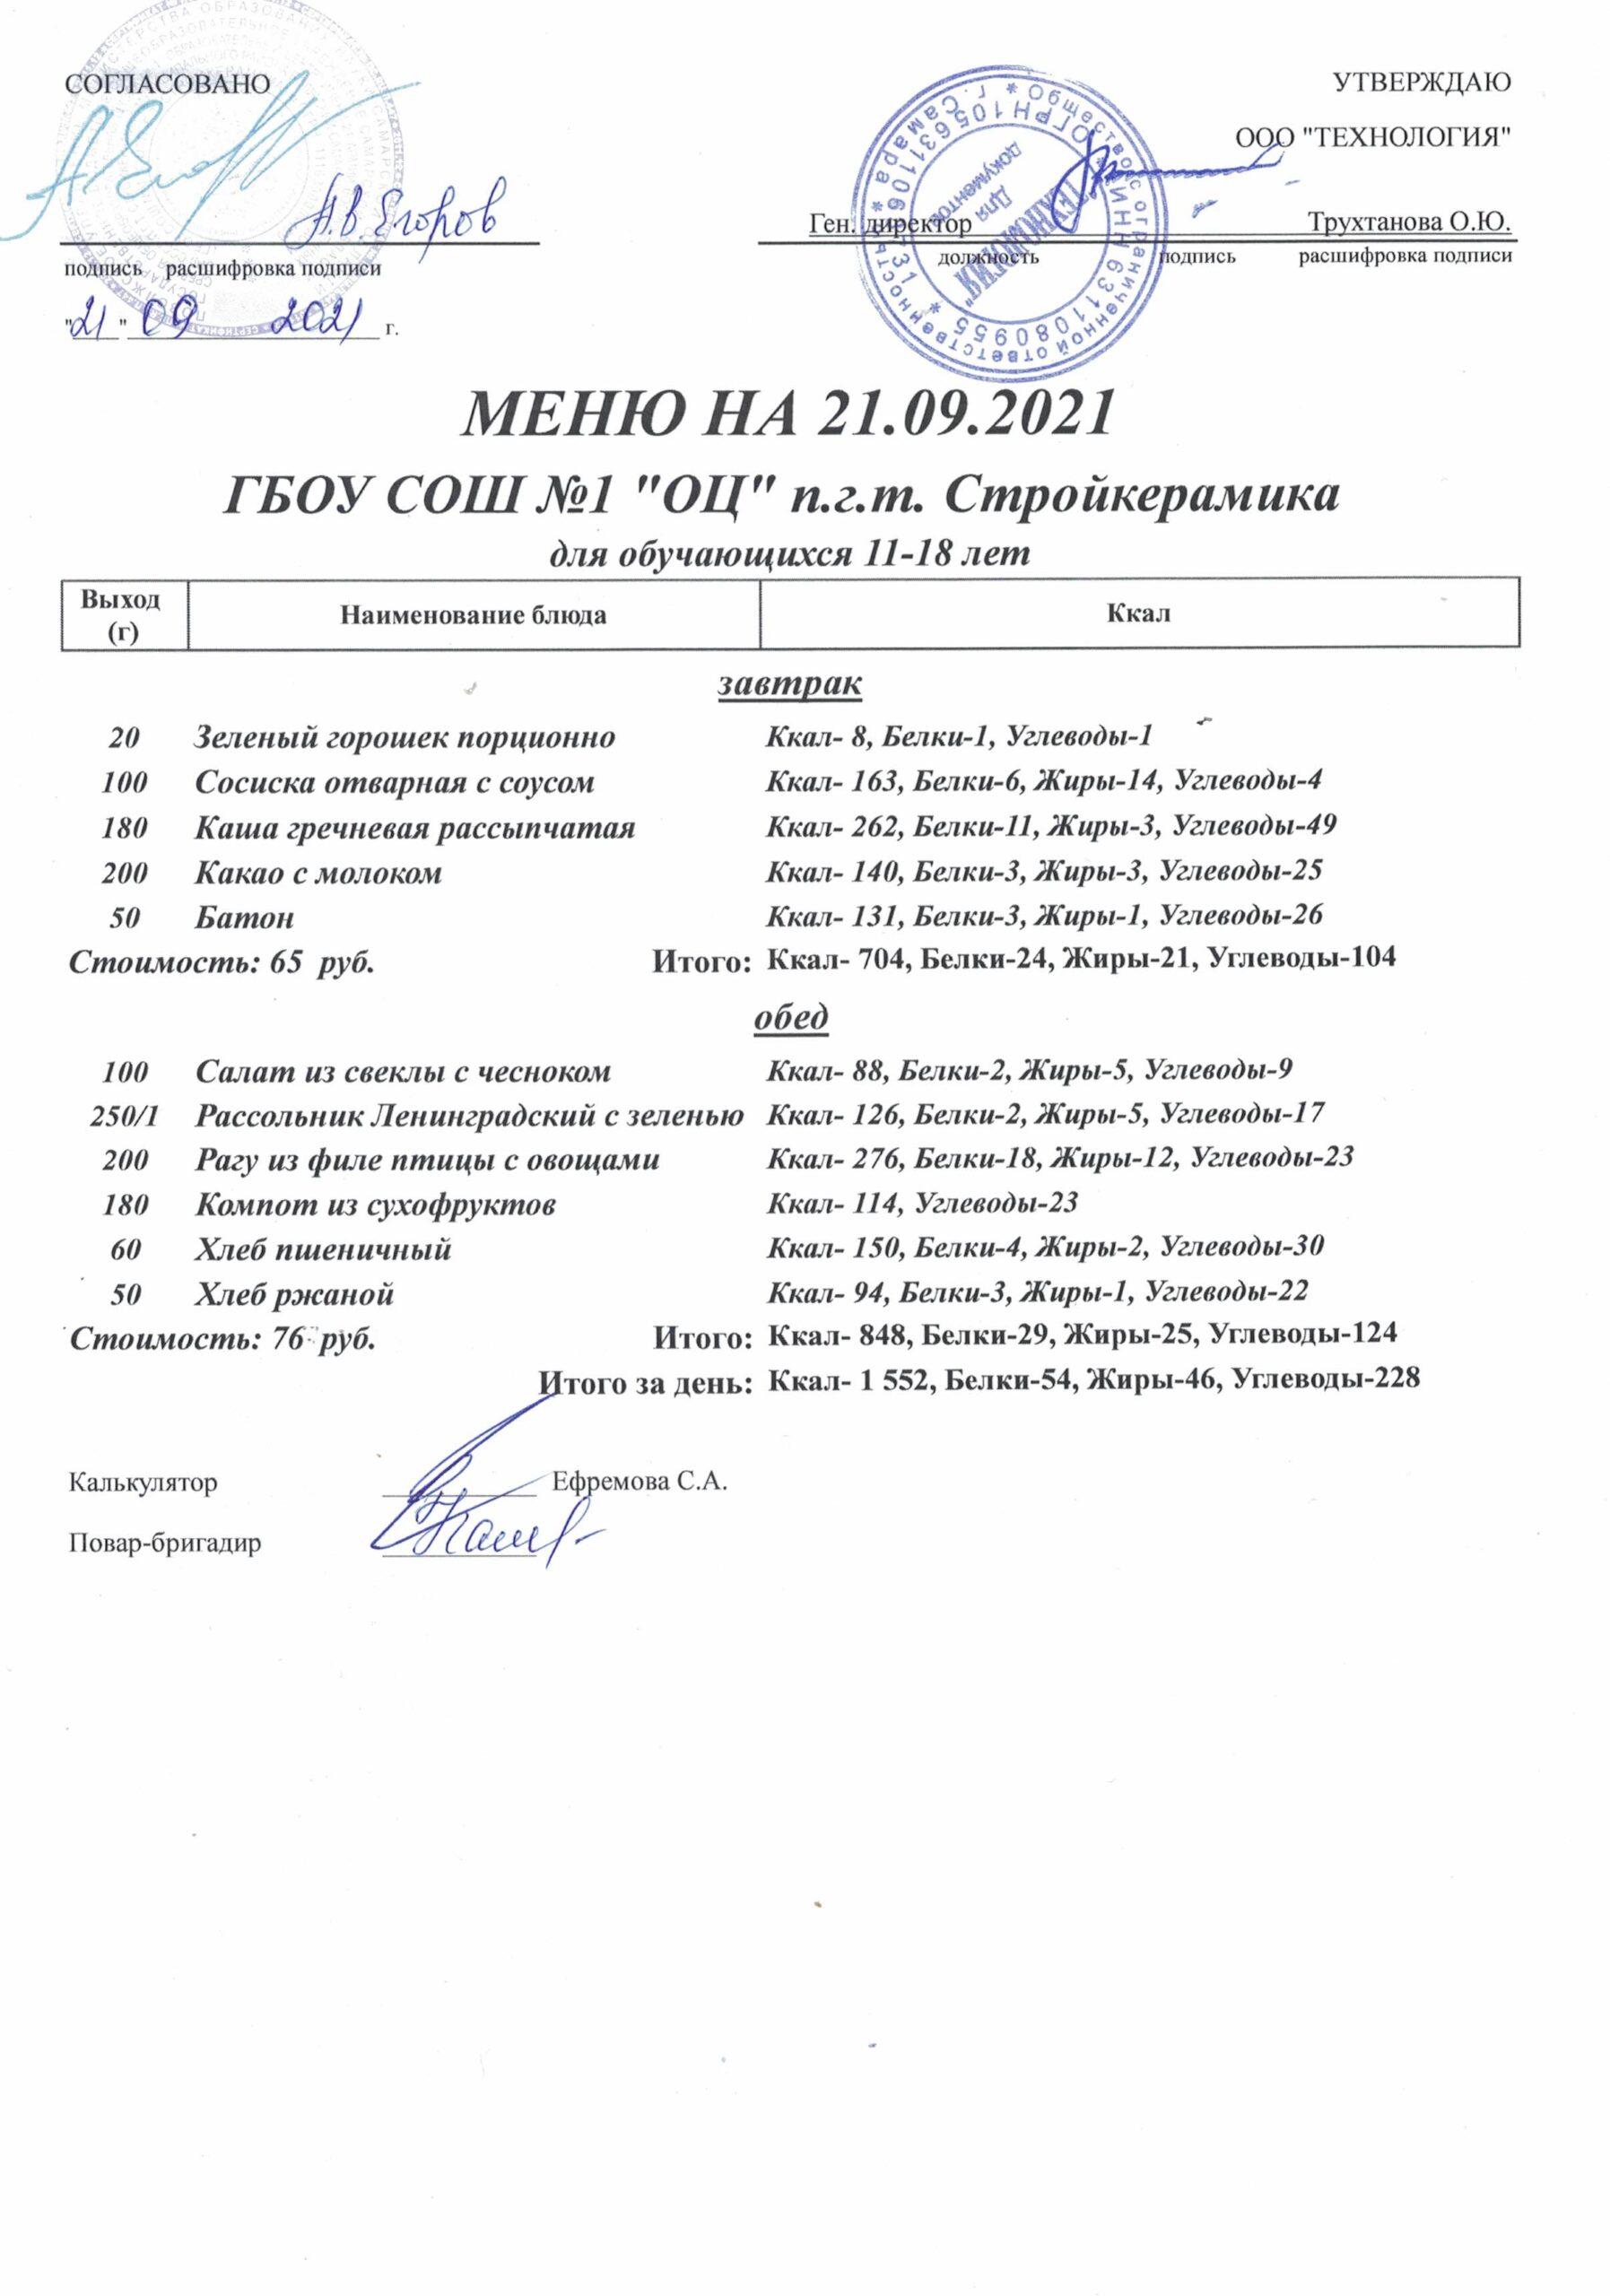 E469875D-AFE6-4C1B-B0D7-6FF7AAA09A81